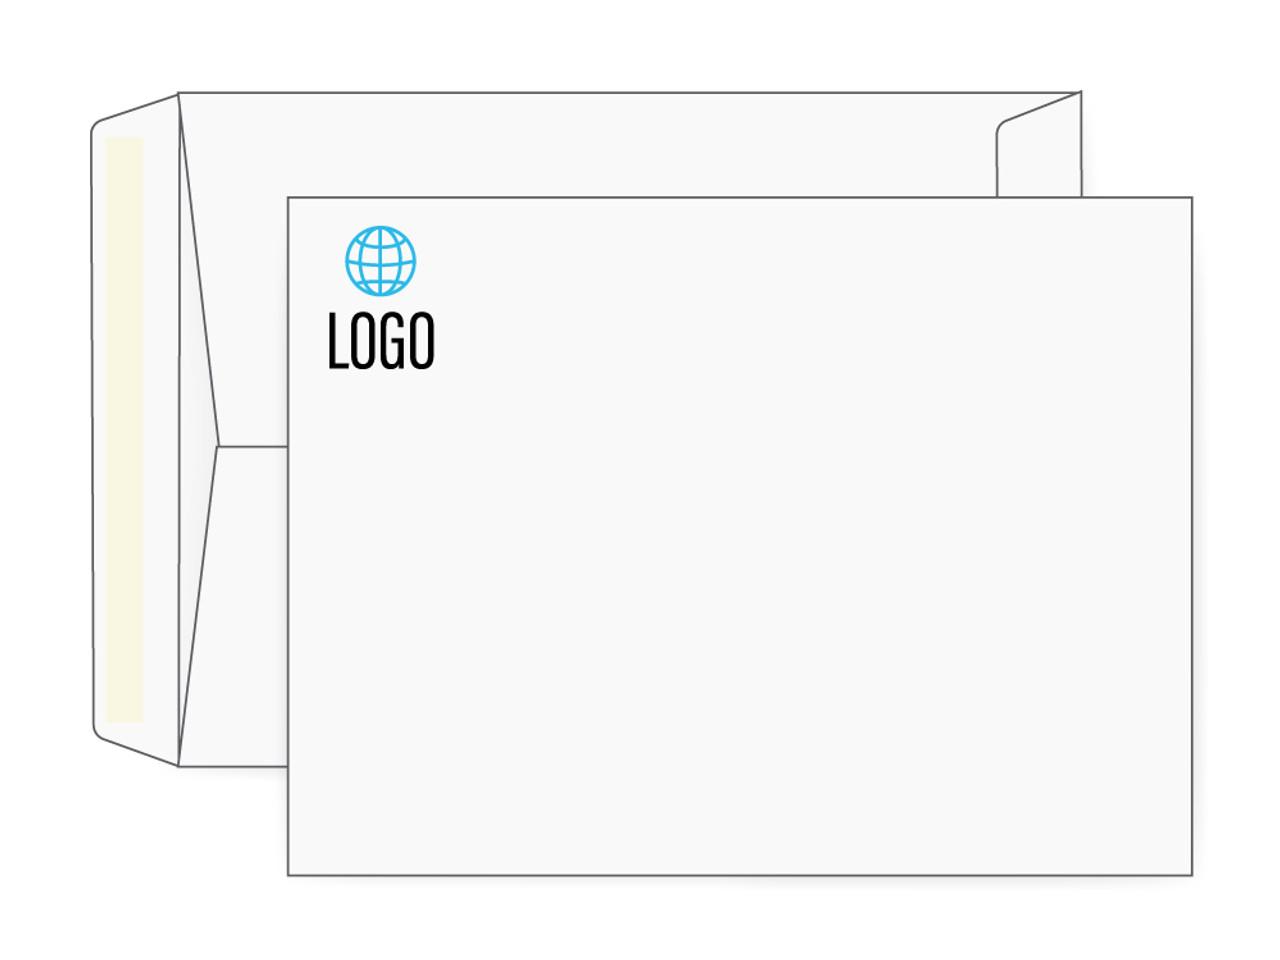 Custom Printed 10x13 Envelopes - EN1070